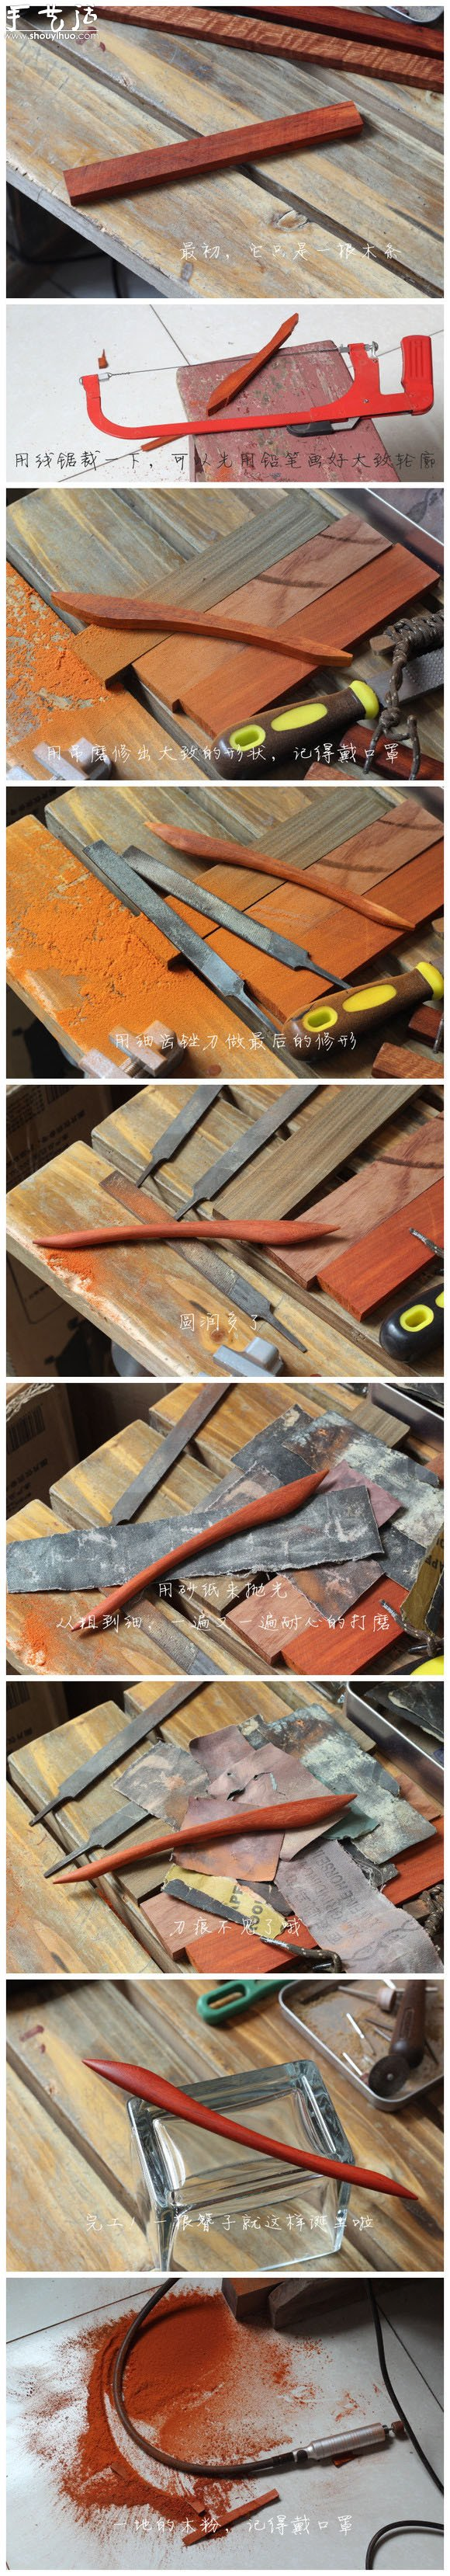 木製發簪的手工製作方法